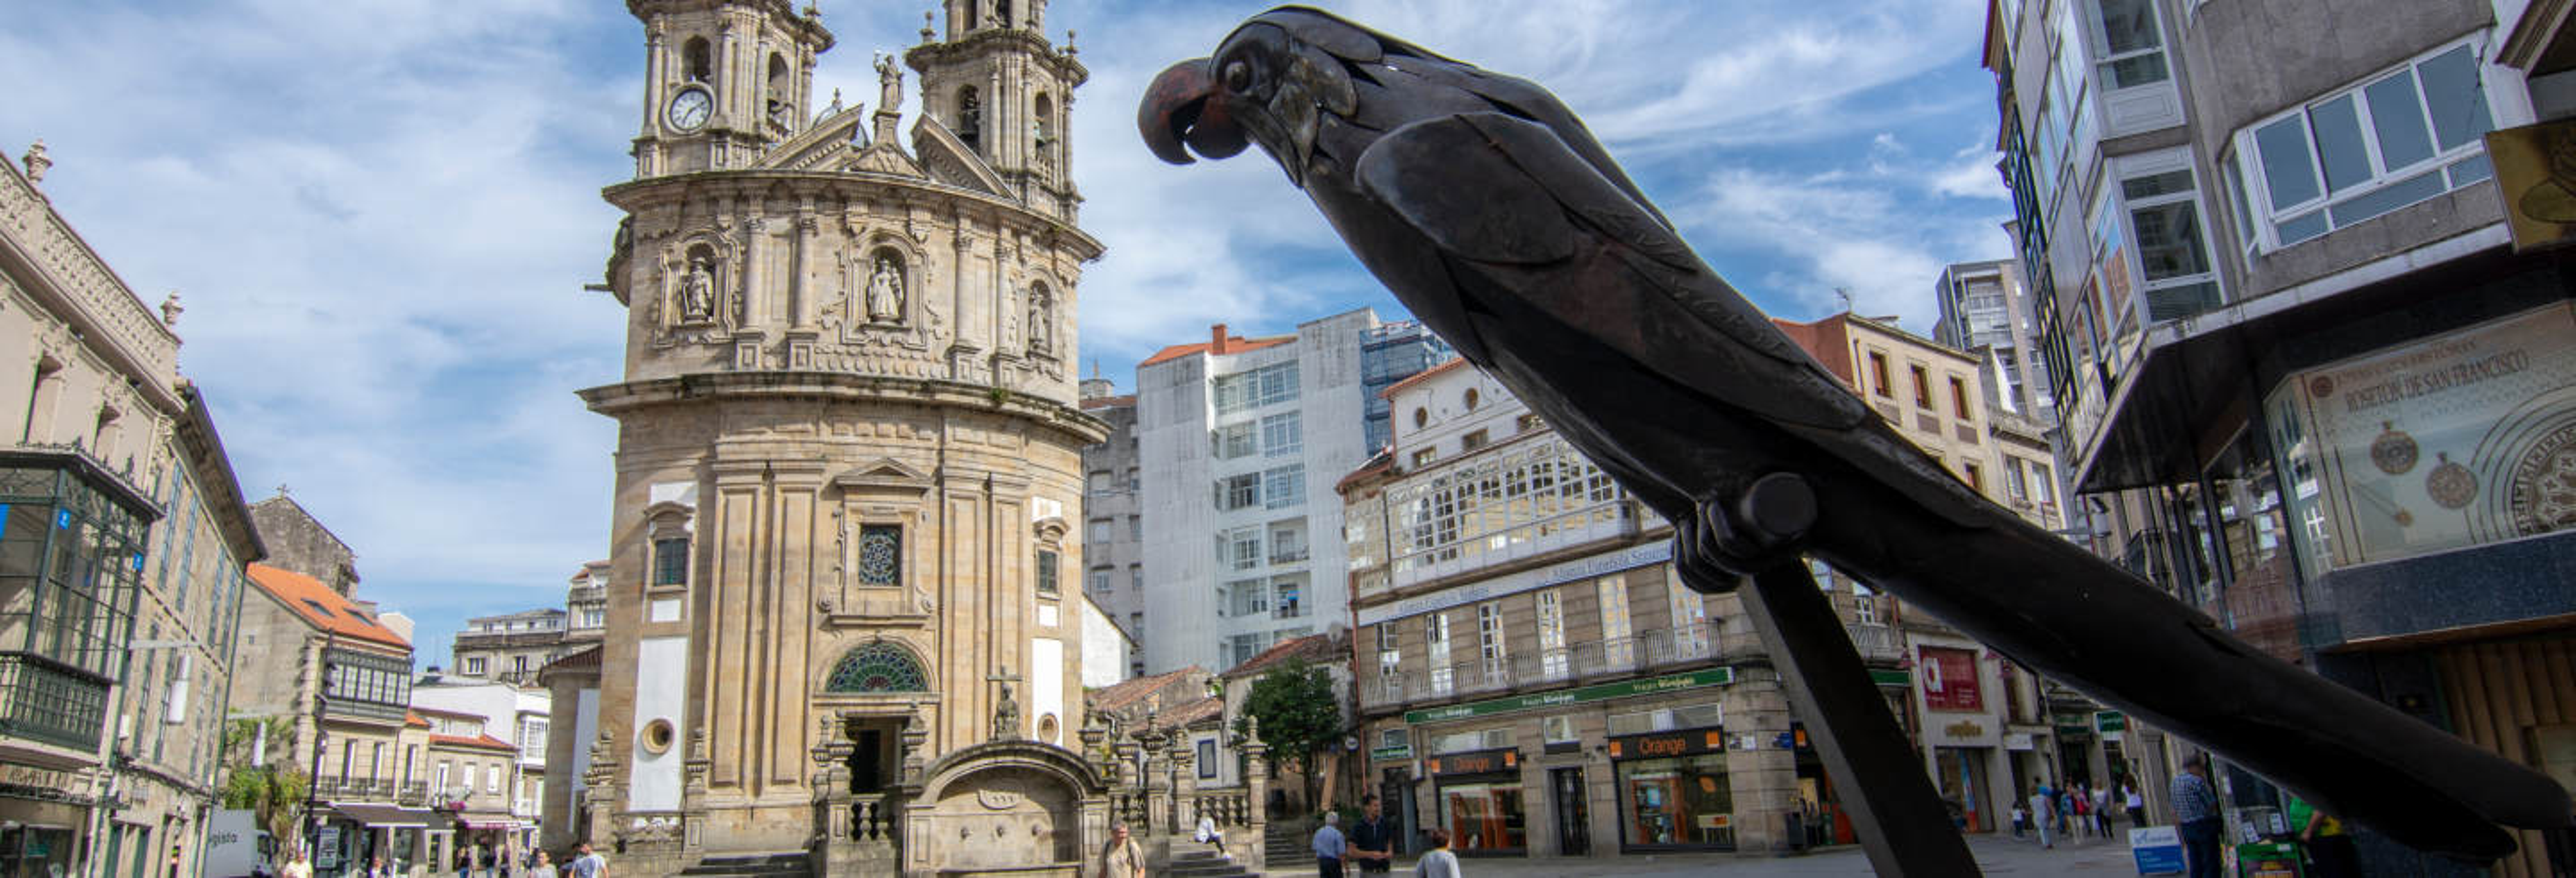 Free tour dos mistérios e lendas de Pontevedra